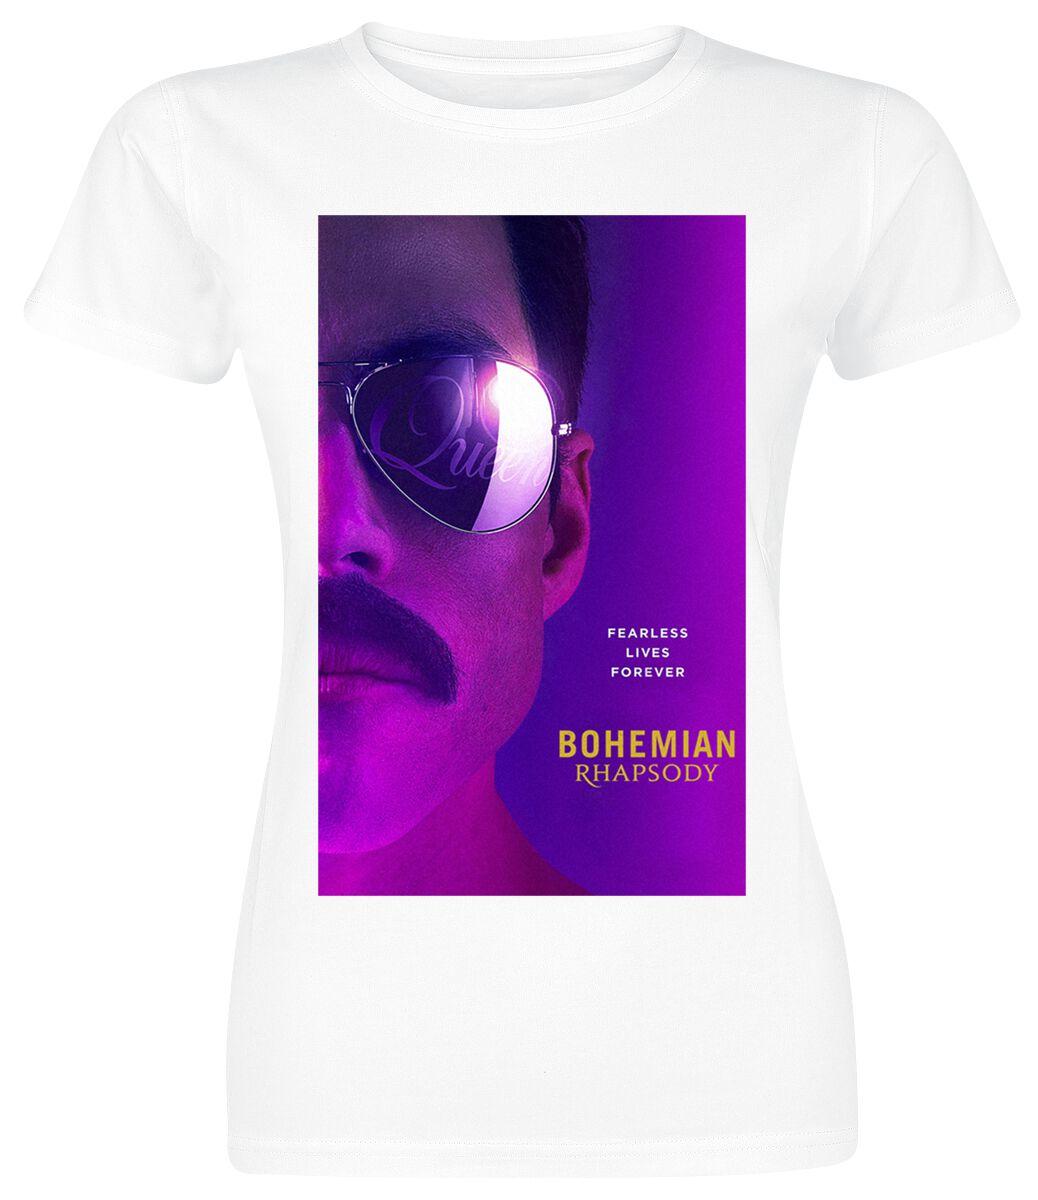 Image of   Queen Bohemian Rhapsody - Fearless Girlie trøje hvid